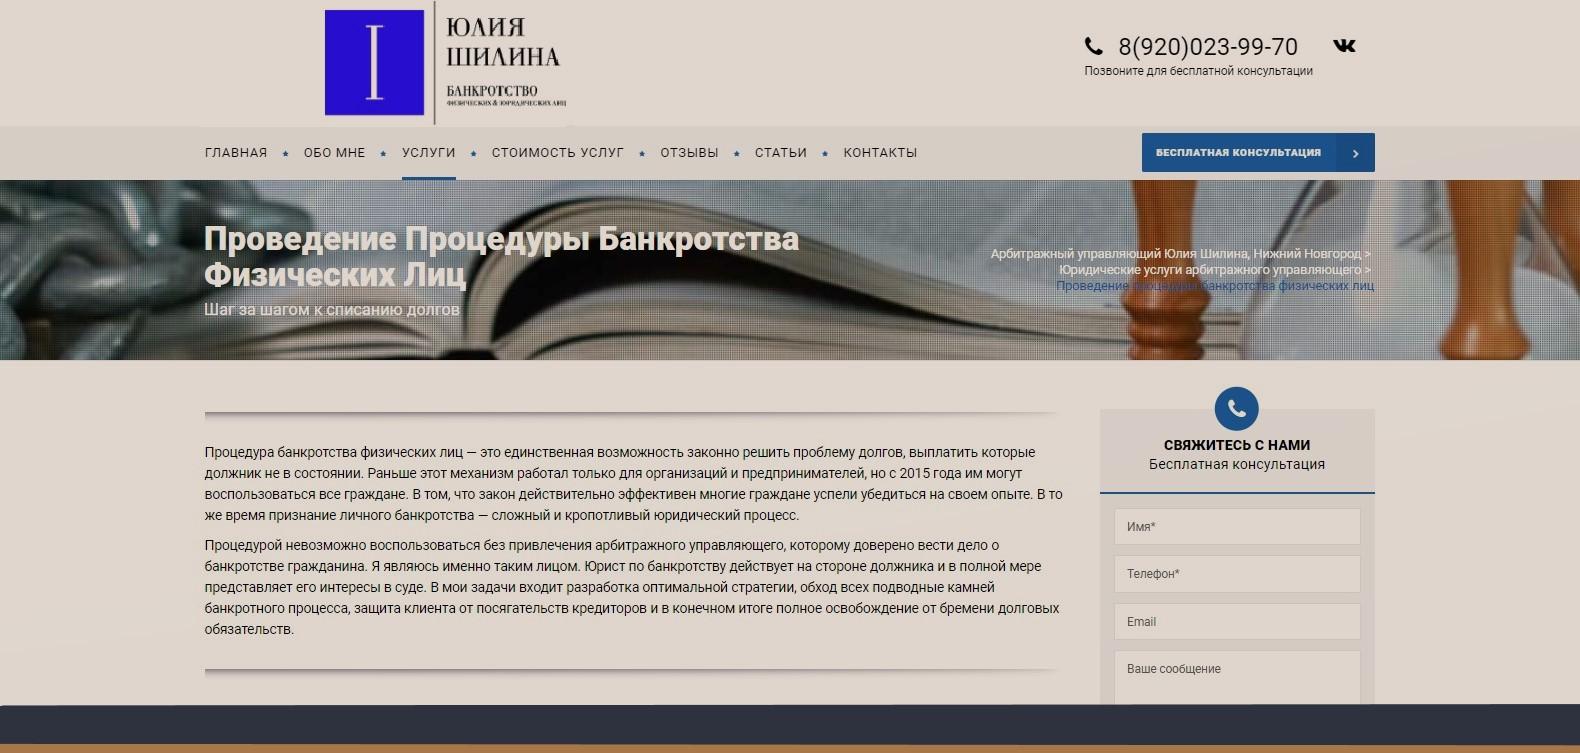 Изображение страницы услуг по проведению процедуры банкротства физических лиц, сайт арбитражного управляющего Юлии Шилиной